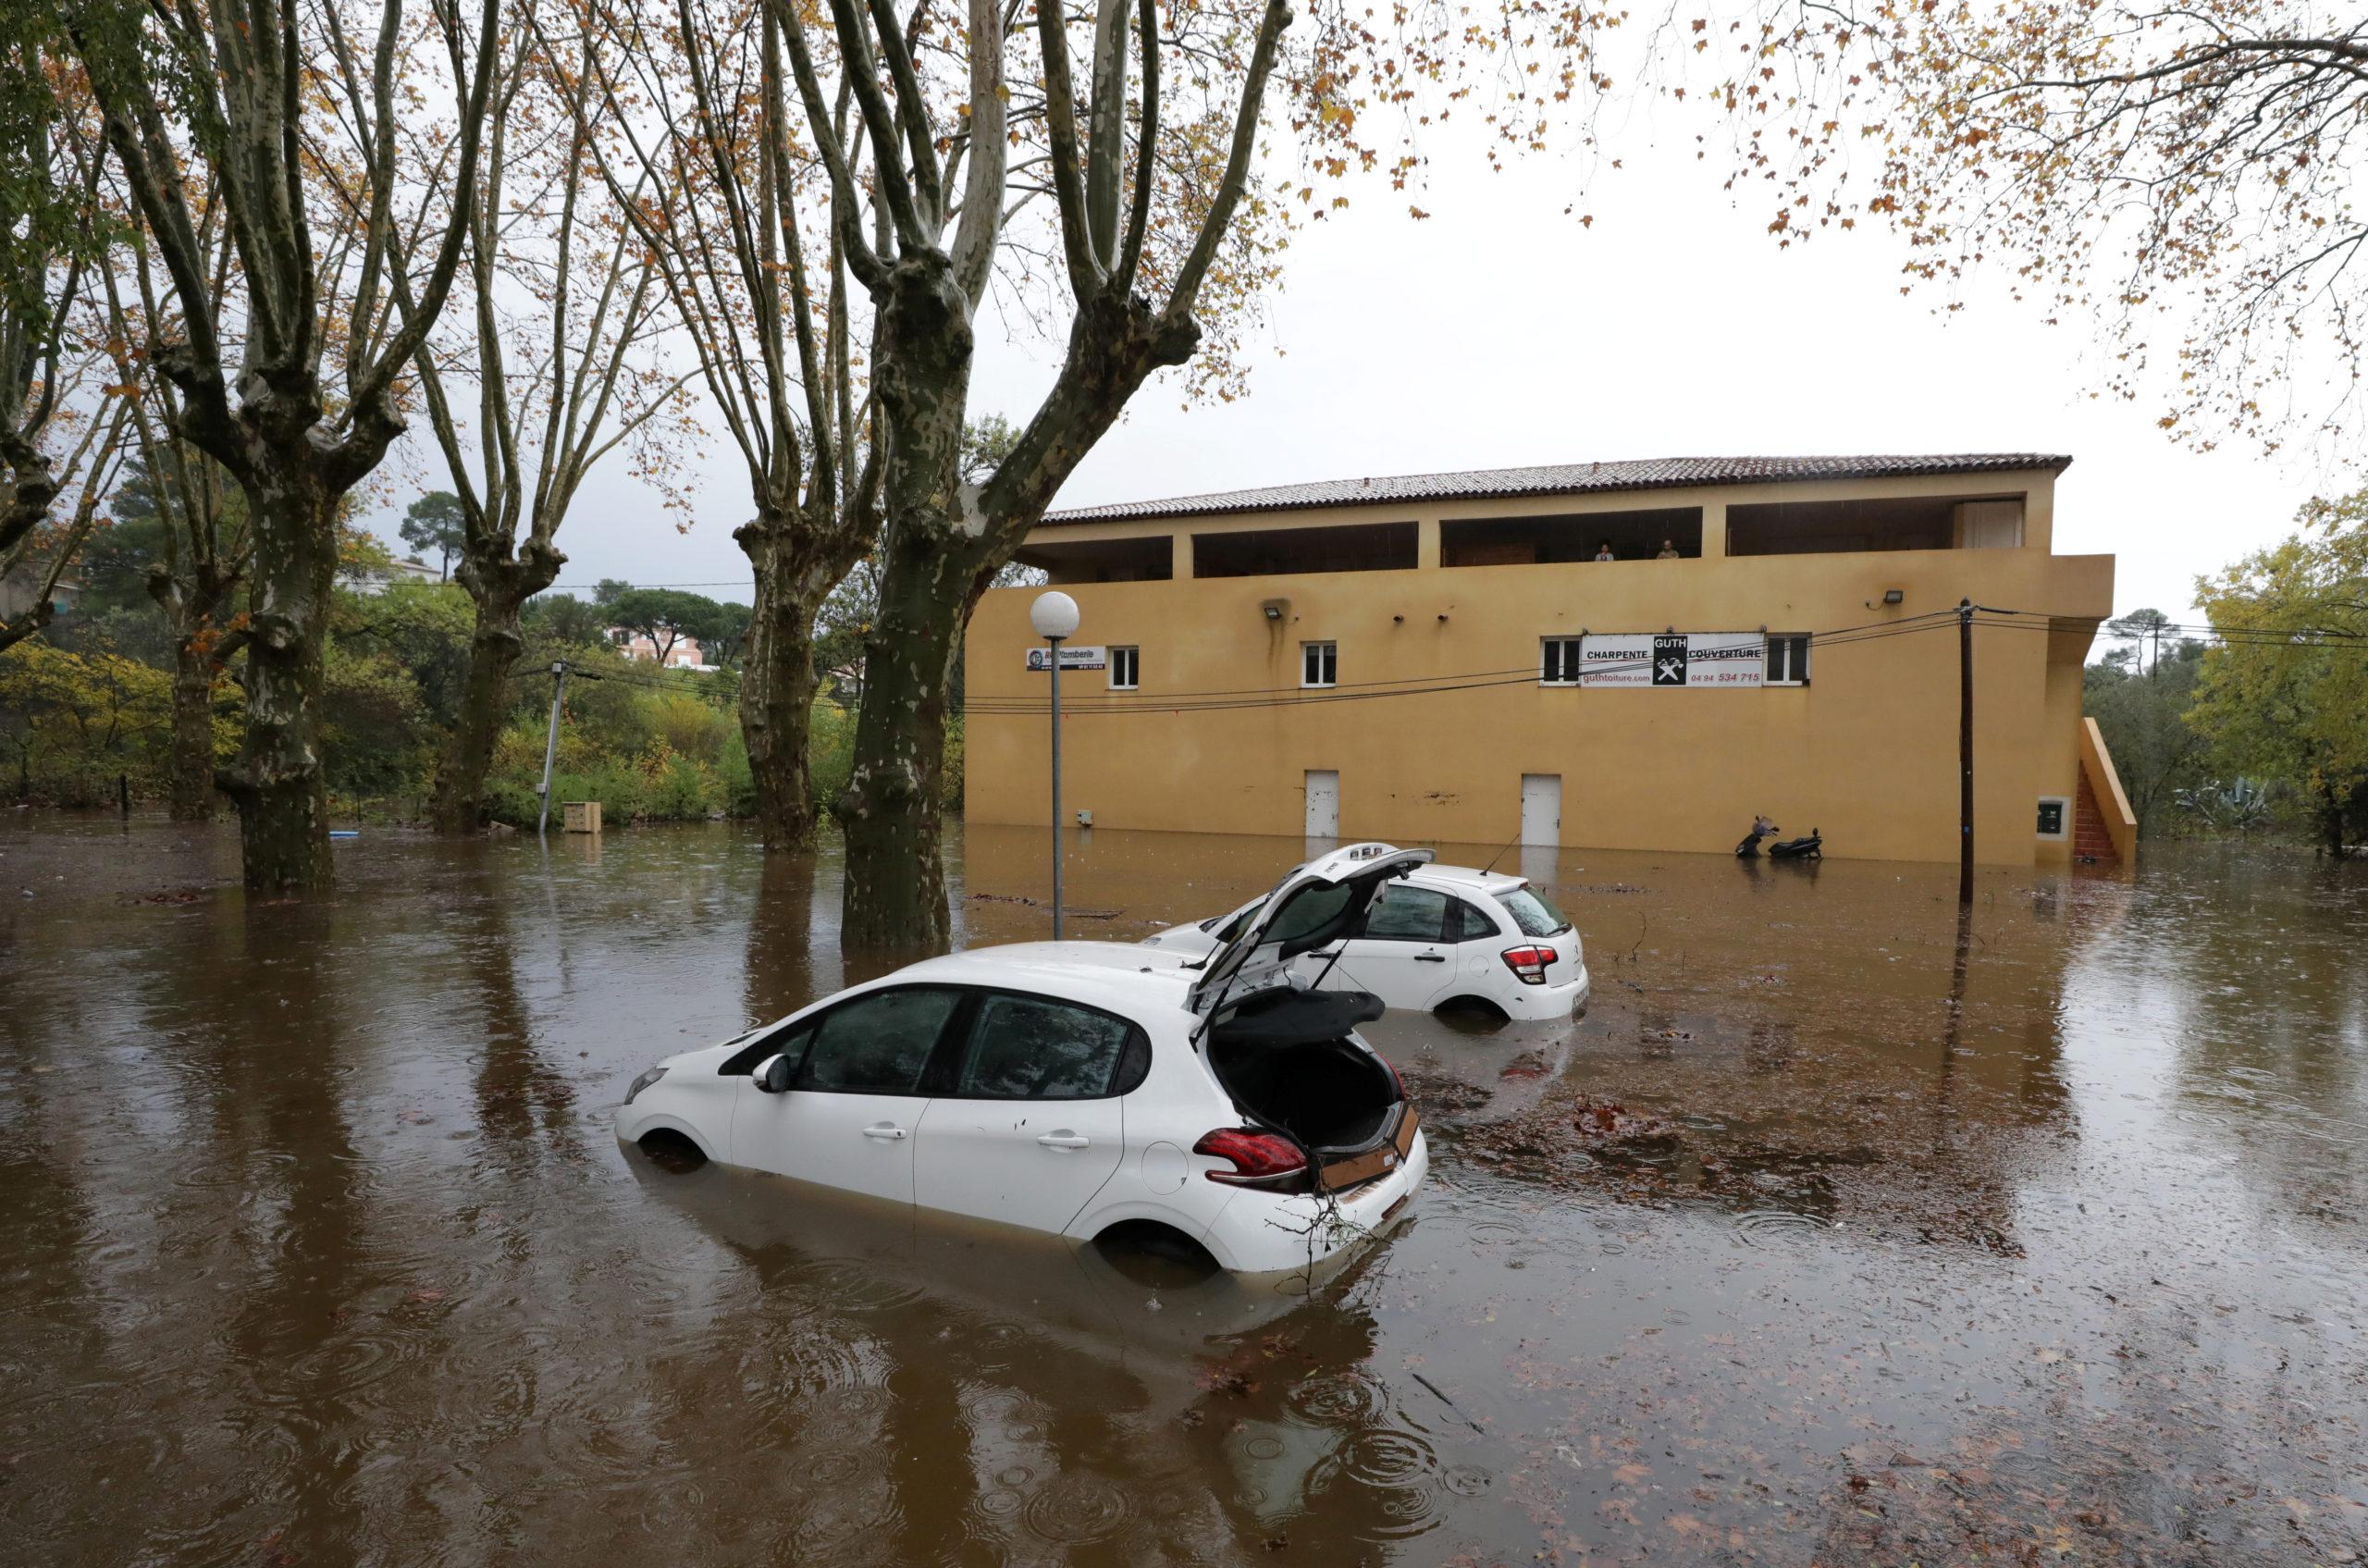 Les inondations provoquées par les fortes pluies qui se sont abattues sur le sud-est de la France ces derniers jours ont fait au moins deux morts dans le Var. /Photo prise le 24 novembre 2019/REUTERS/Eric Gaillard